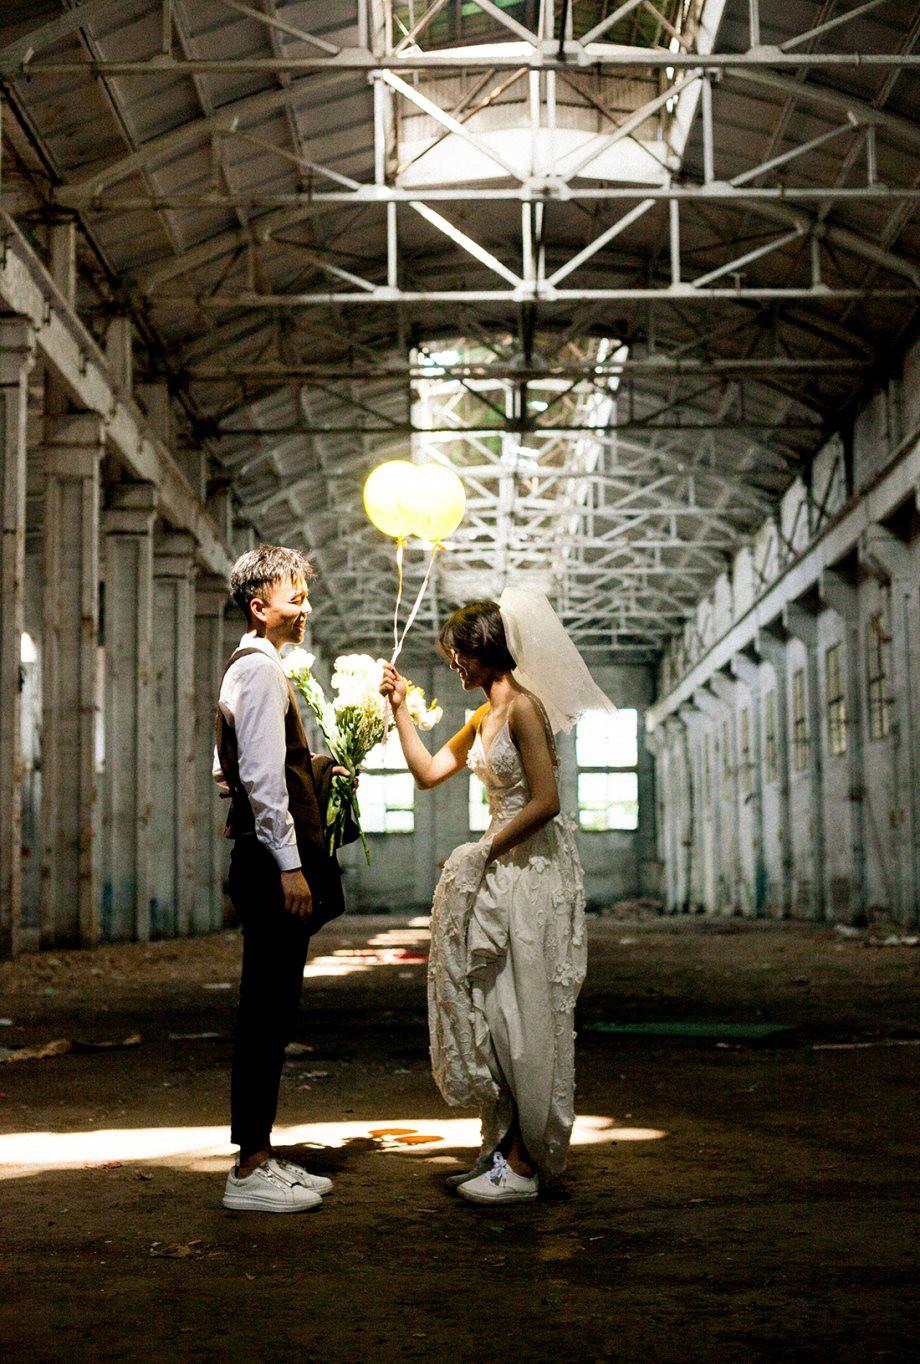 Bộ ảnh cưới mùa hè của cô dâu tóc ngắn đi giày thể thao giúp bạn định nghĩa lại về cái đẹp - Ảnh 13.